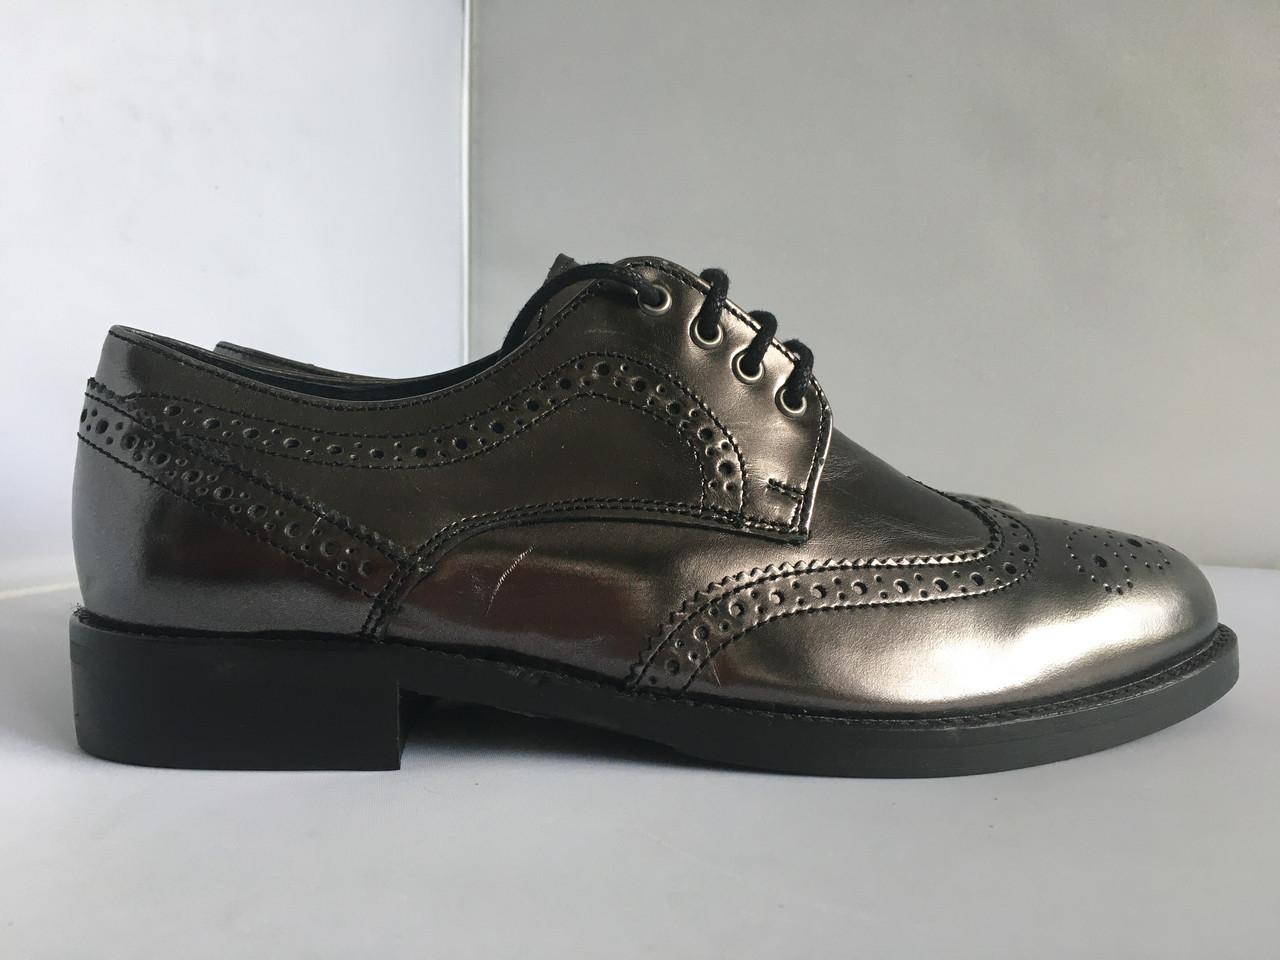 Женские туфли-броги Minelli, 36, 37 размер